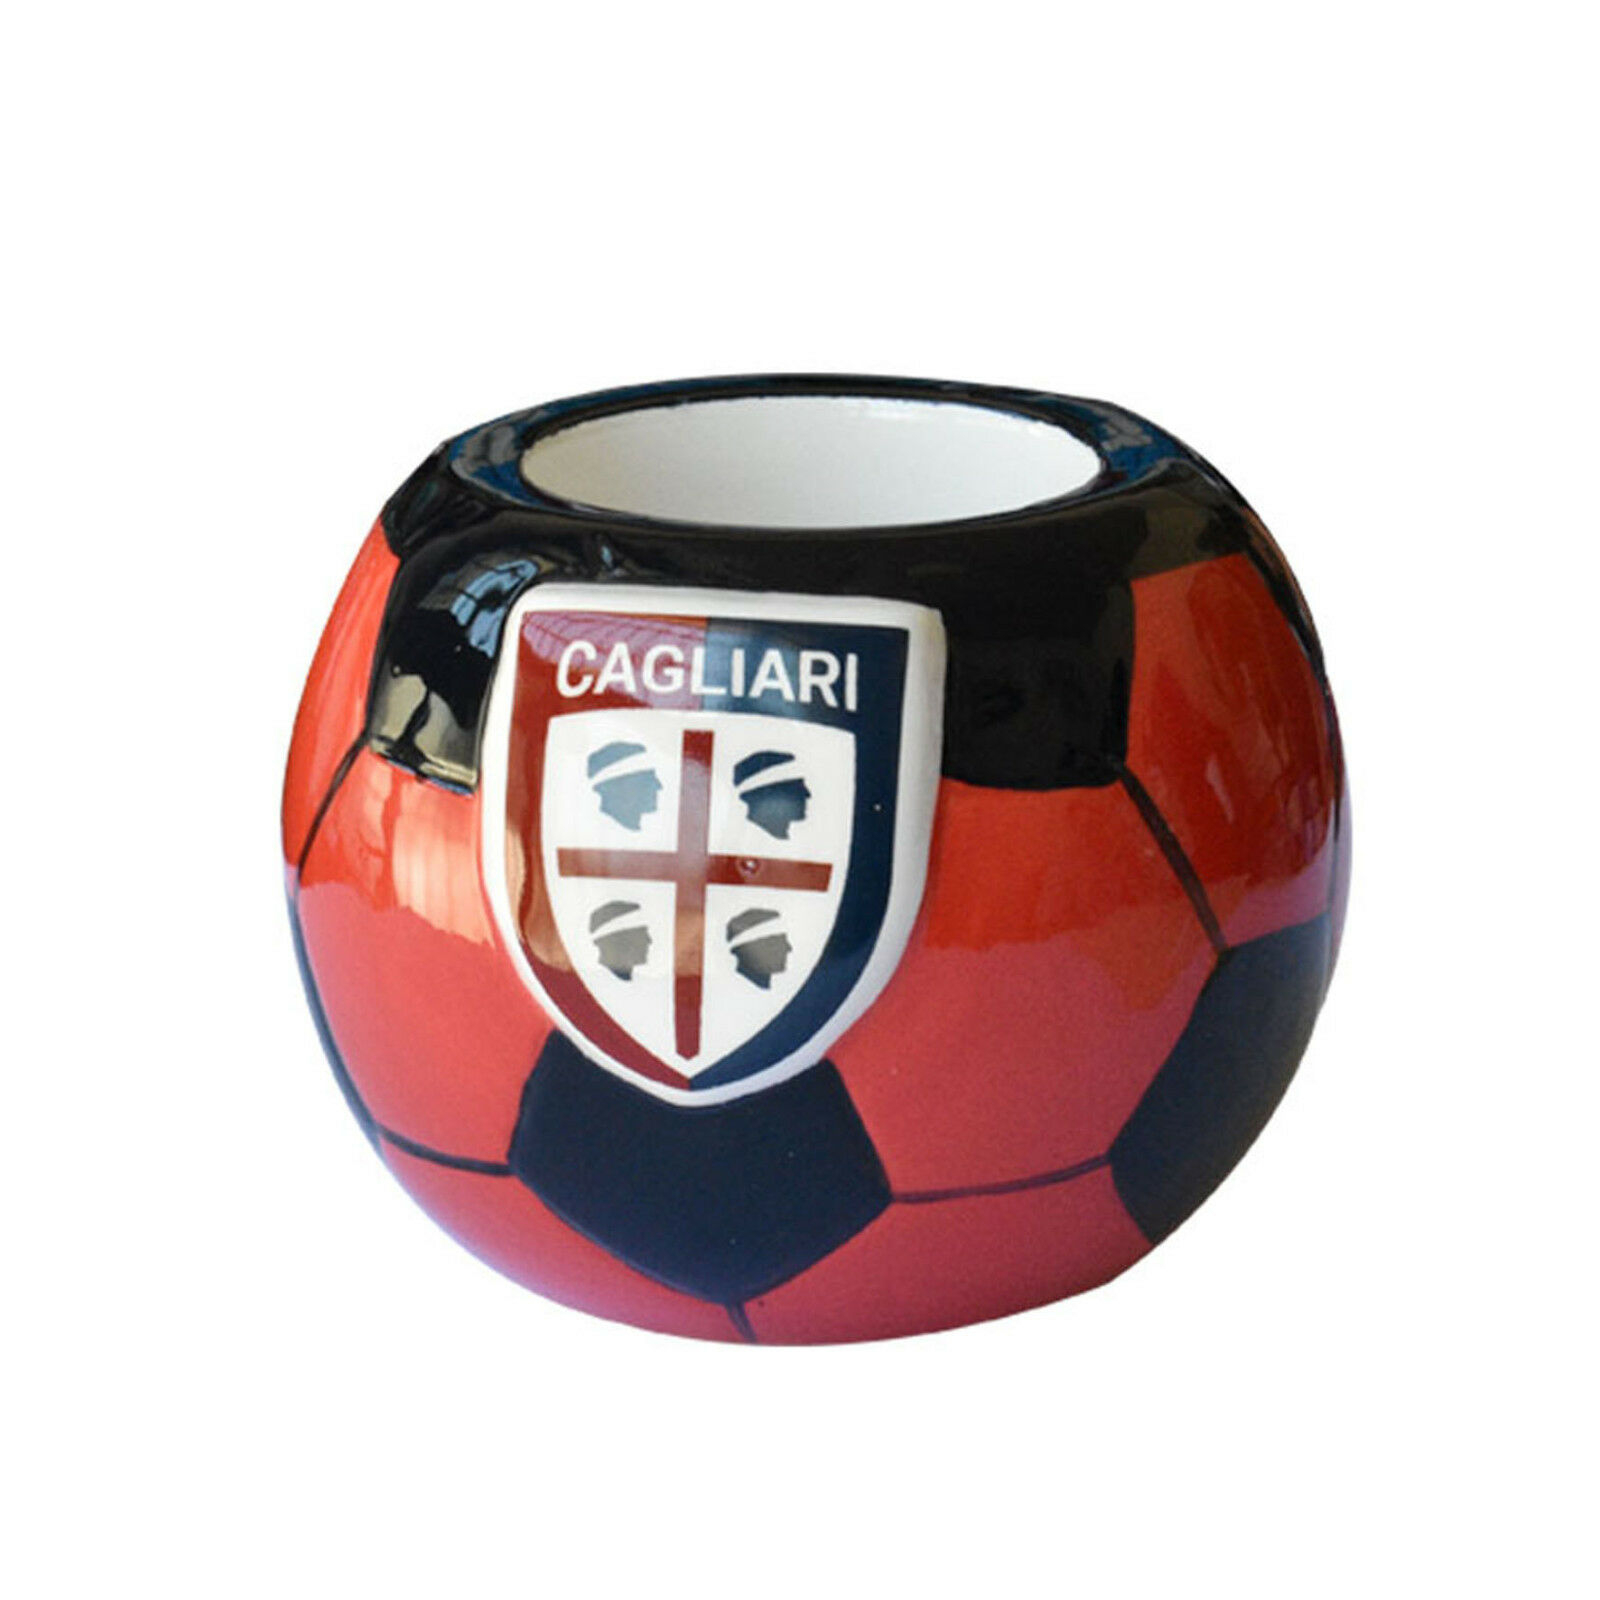 CAGLIARI CALCIO portapenne e matite in ceramica a forma di pallone circa 8,5 cm